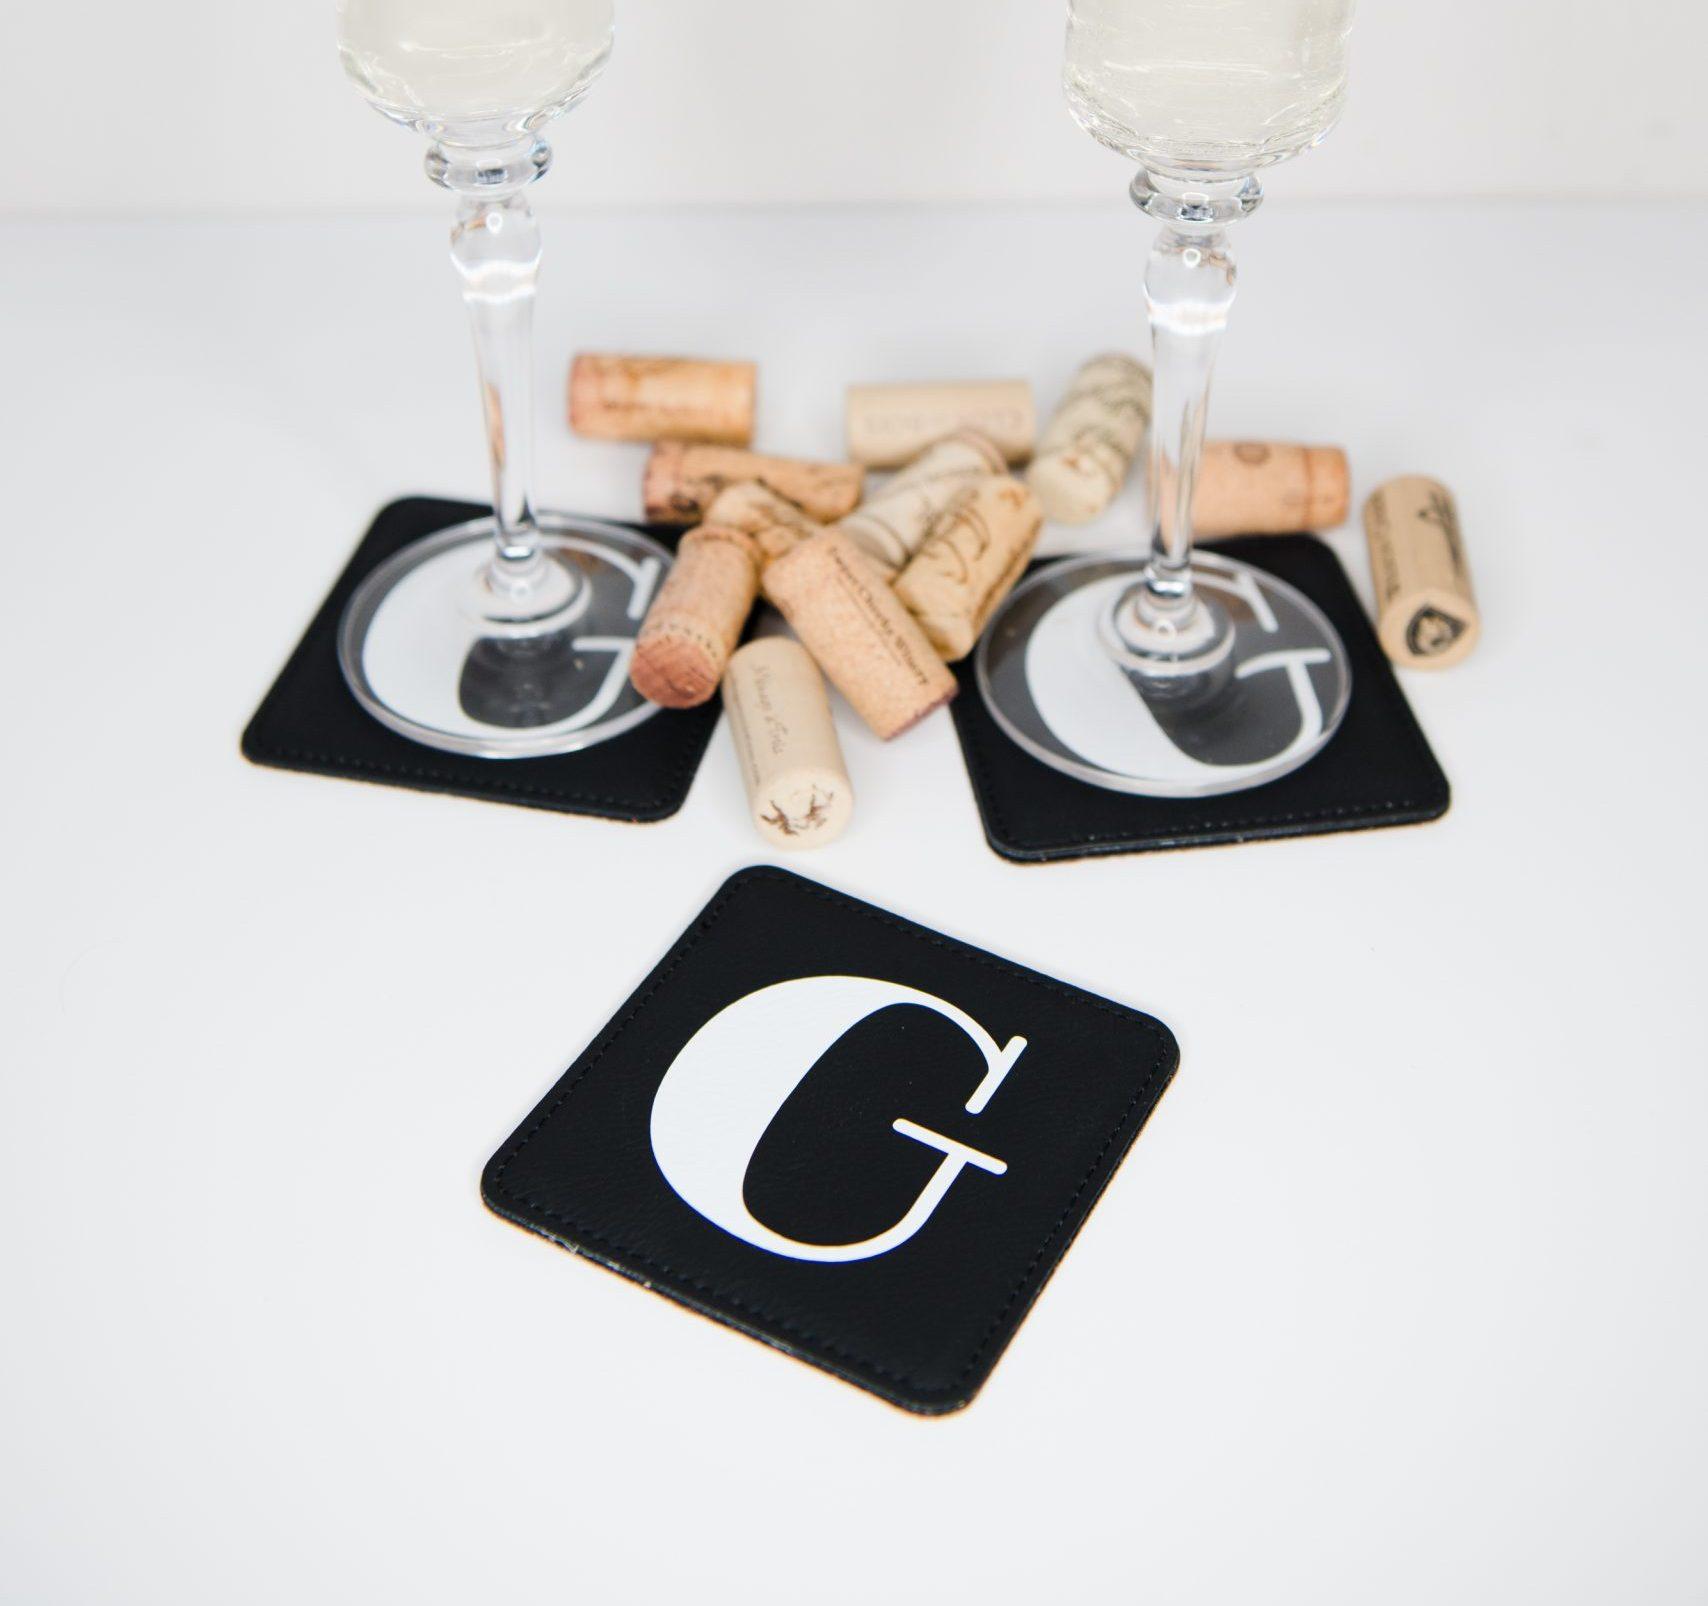 COAS06e Black Square Leather Coasters